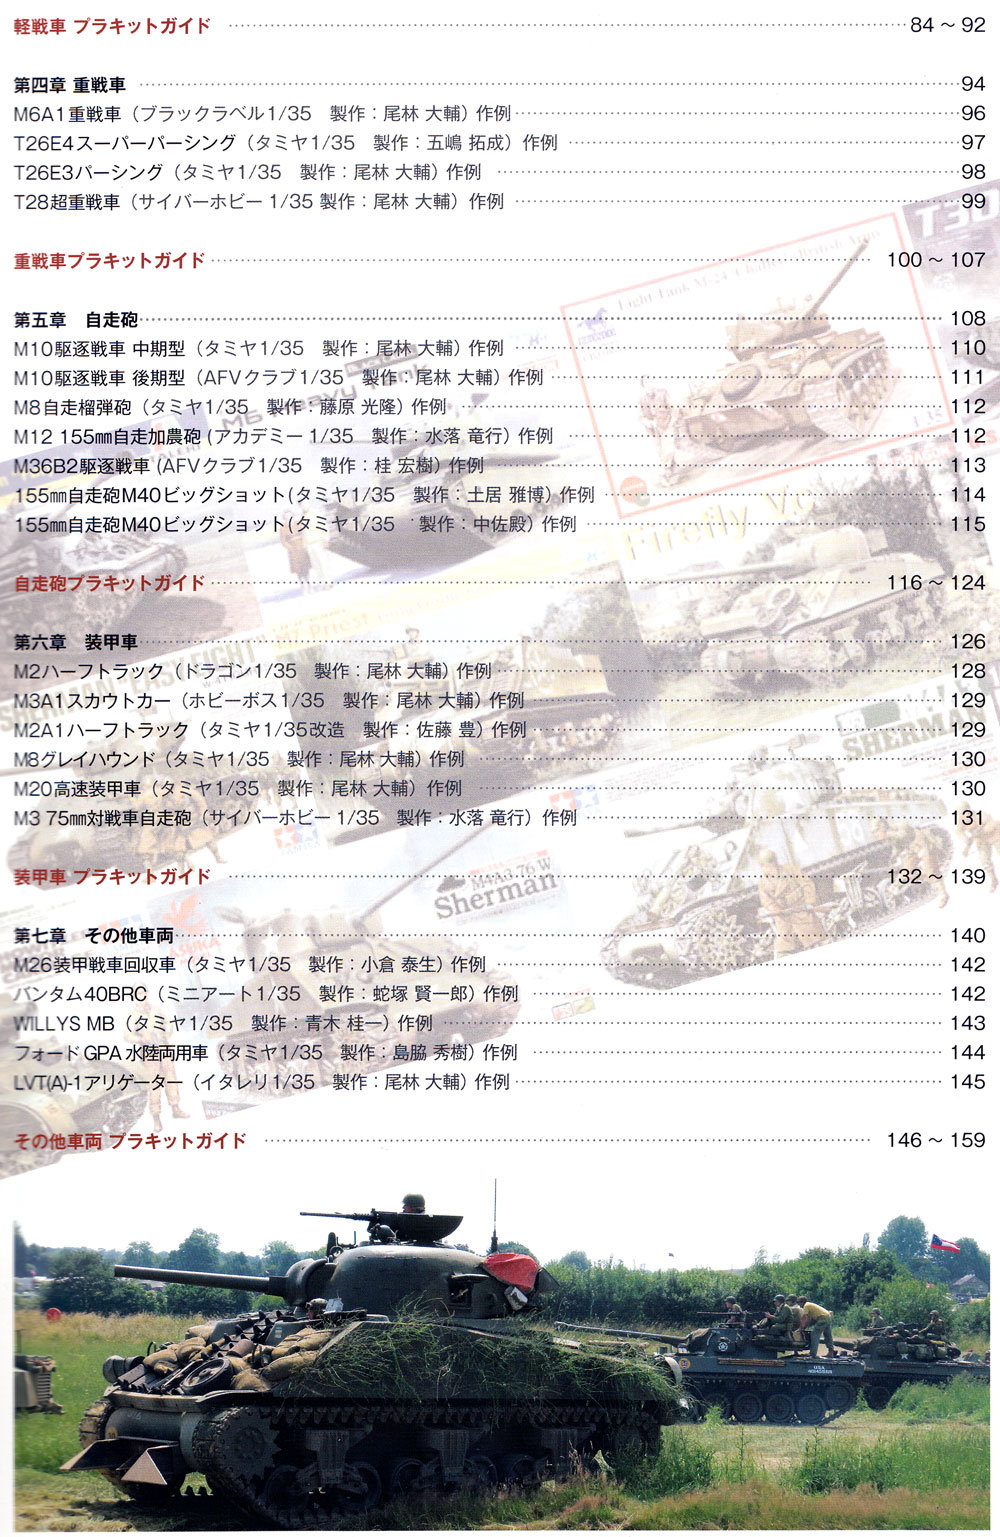 アメリカ戦車データベース (1) WW2編本(モデルアート臨時増刊No.12320-07)商品画像_2